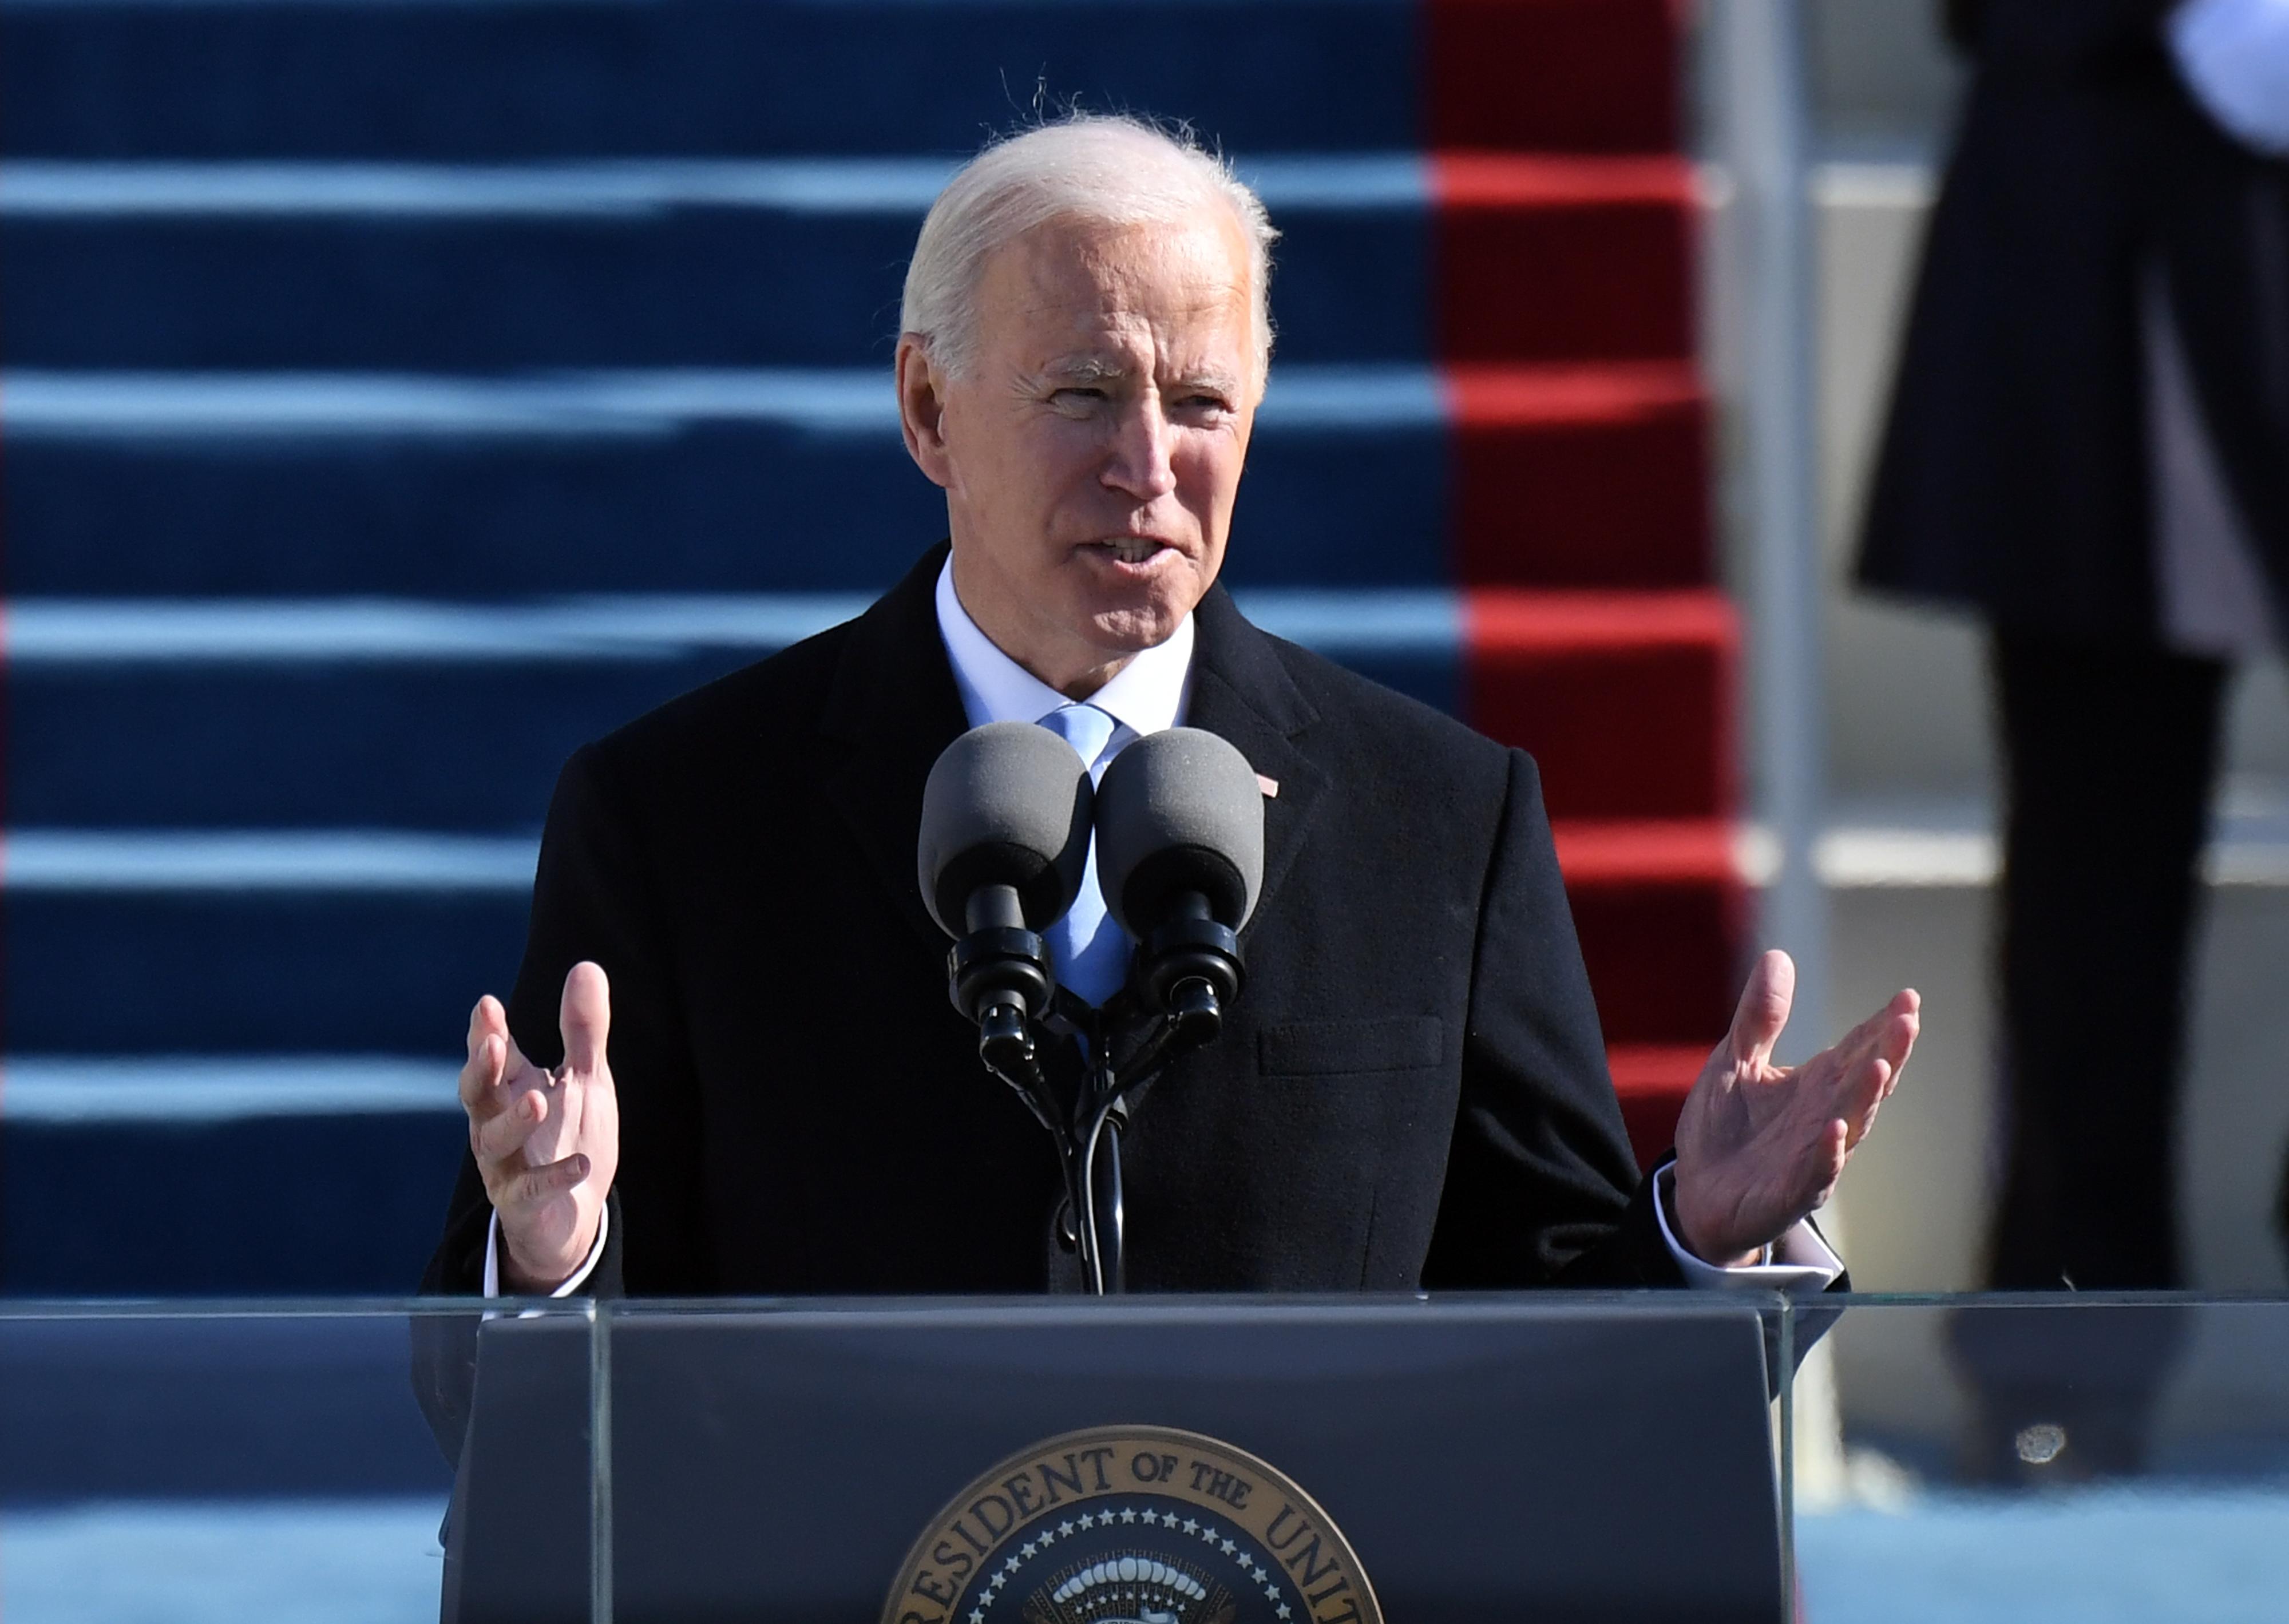 Gendersemleges megszólítás és transznemű kormánytag: már első napján a genderlobbinak kedvezett Joe Biden